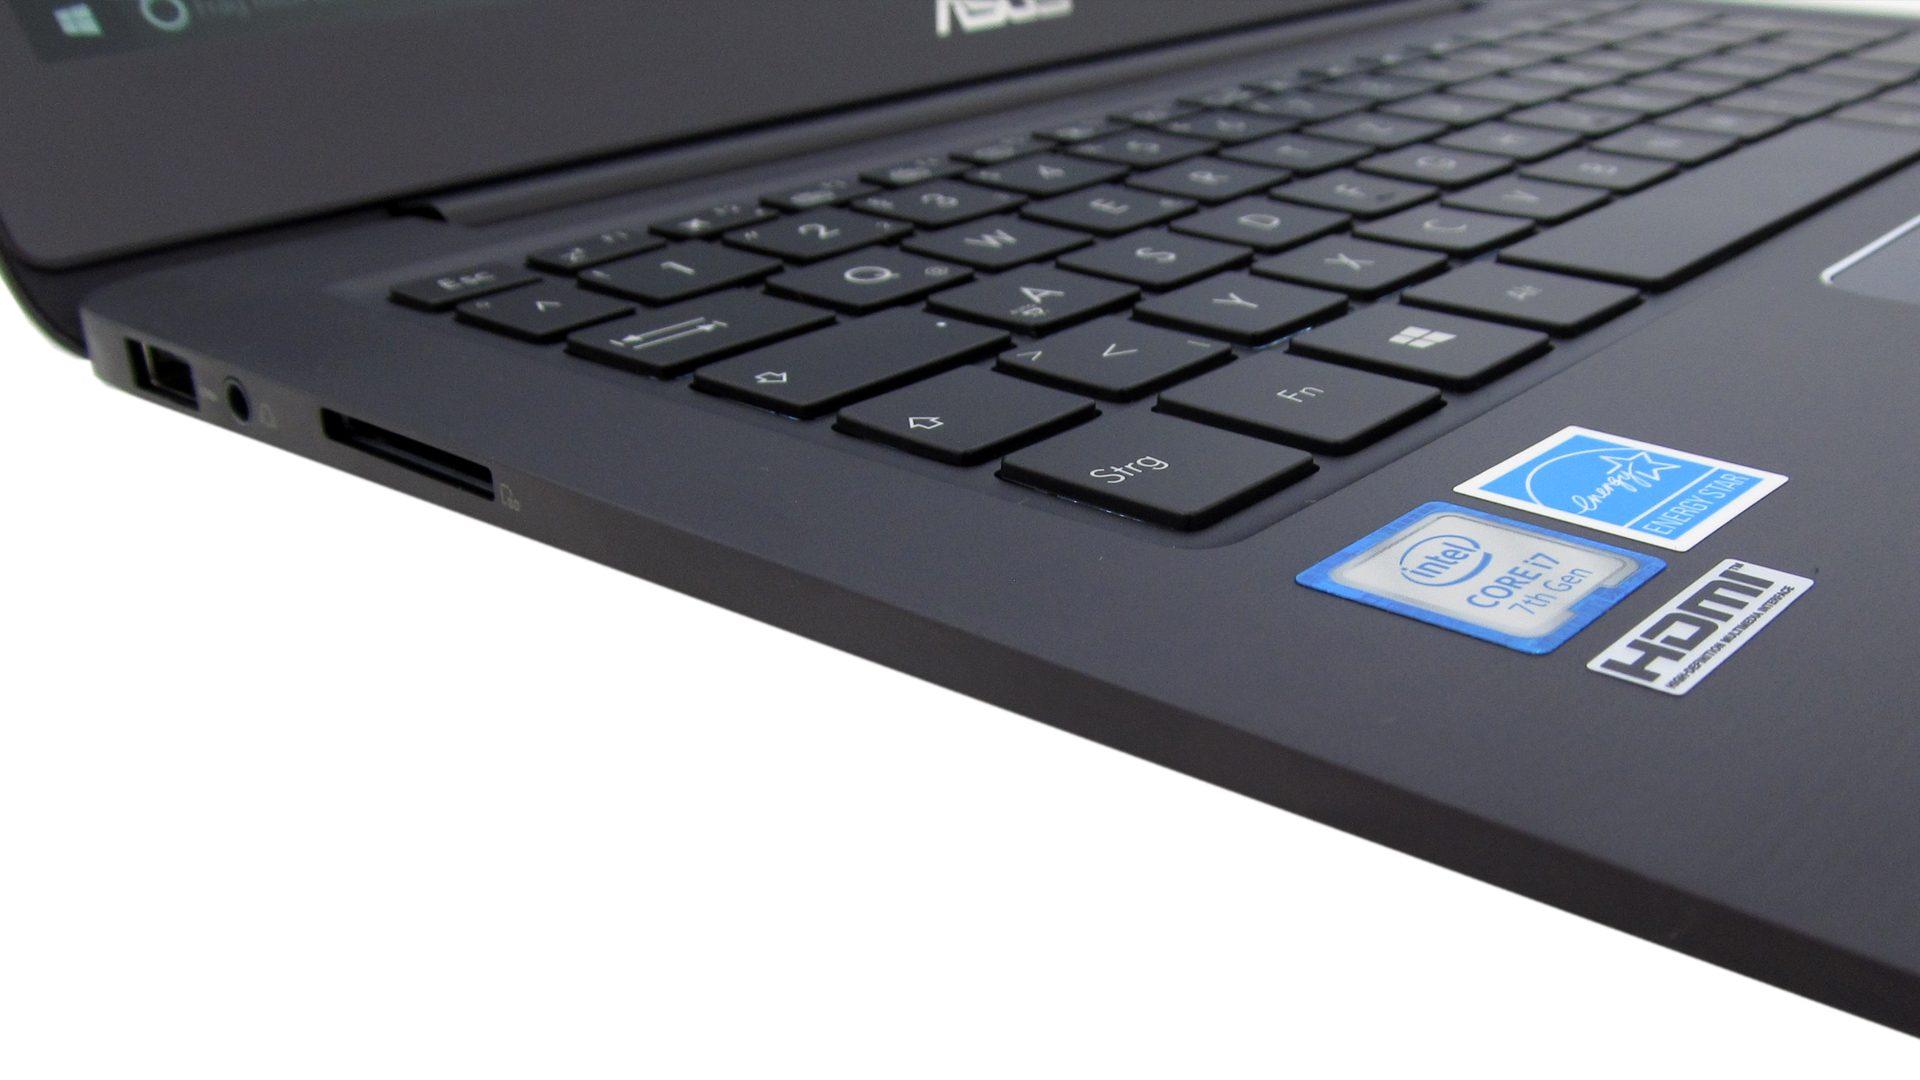 Tastatur_4